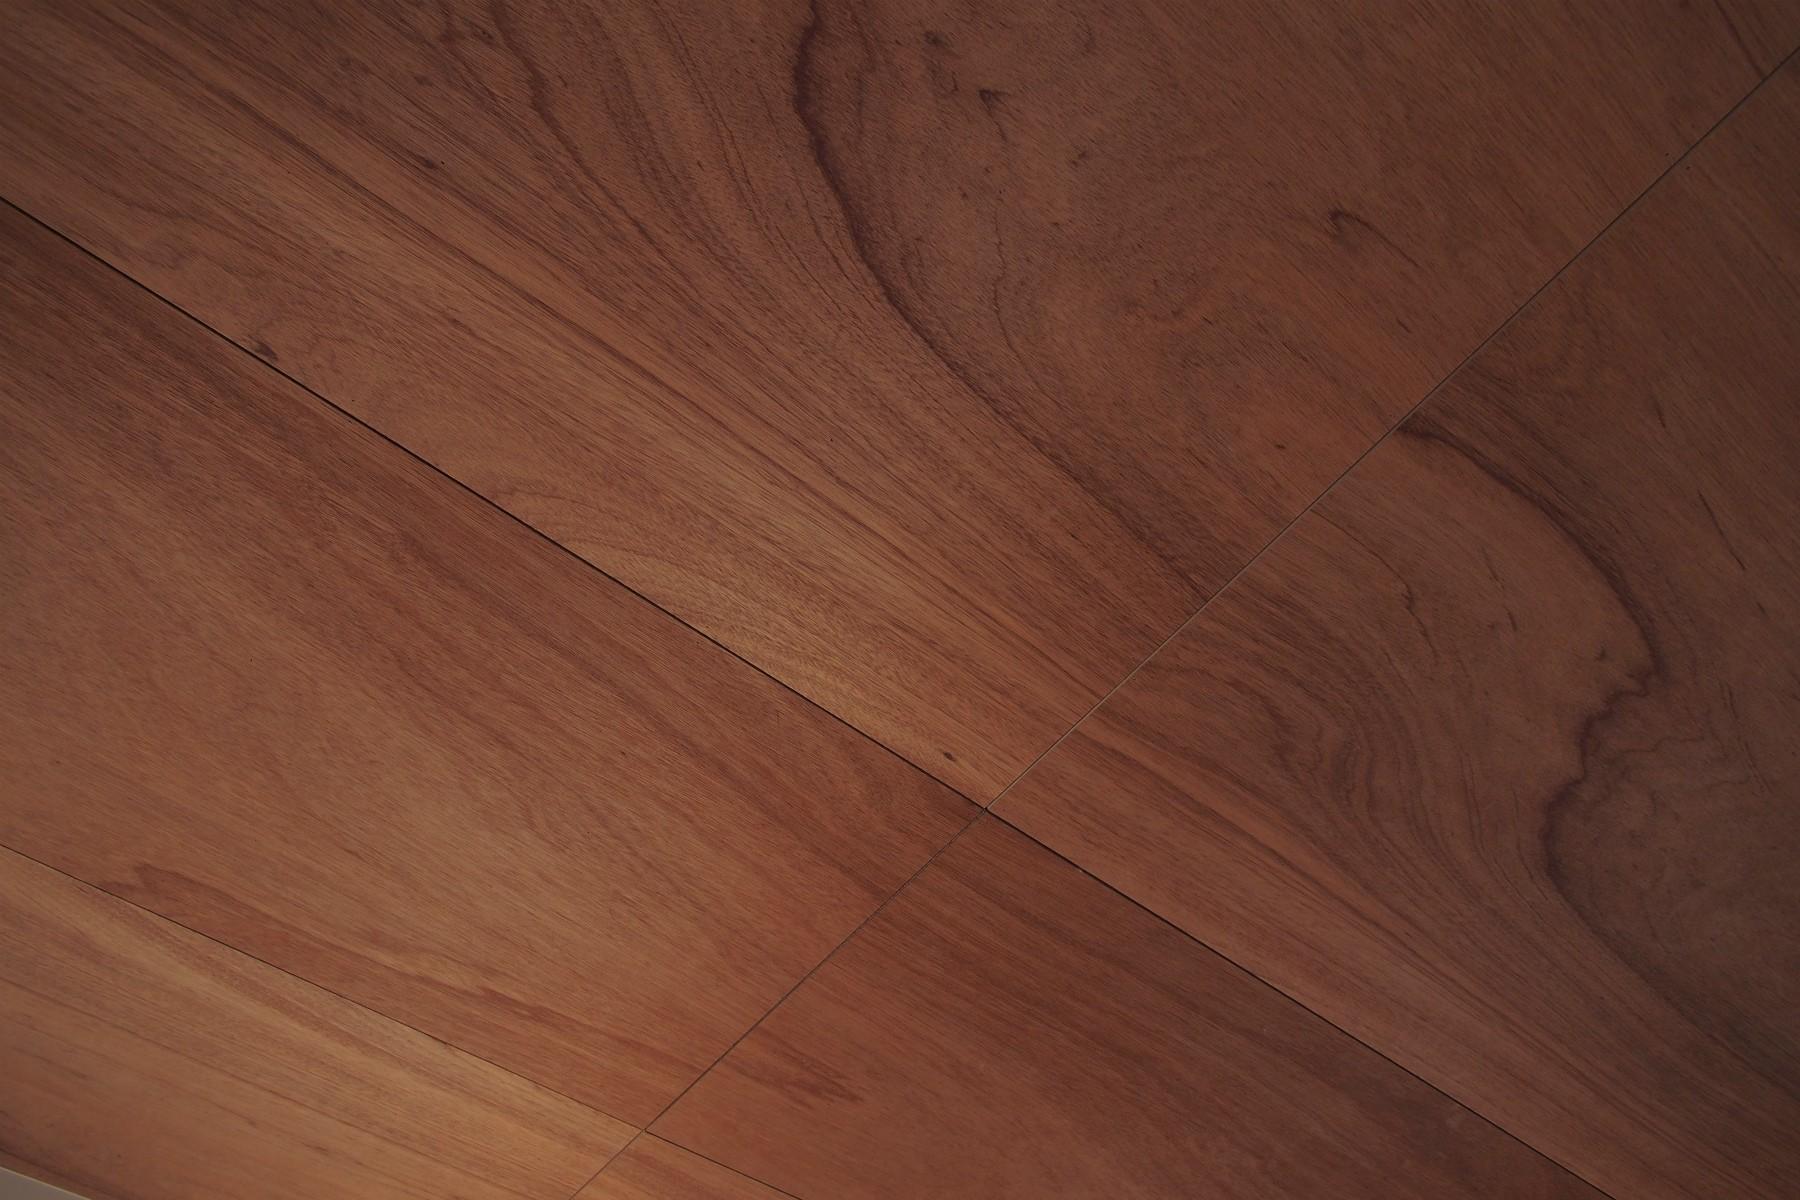 ベッドルーム事例:天井 / ラワン合板(橋本の住宅 / 土間と縁側)